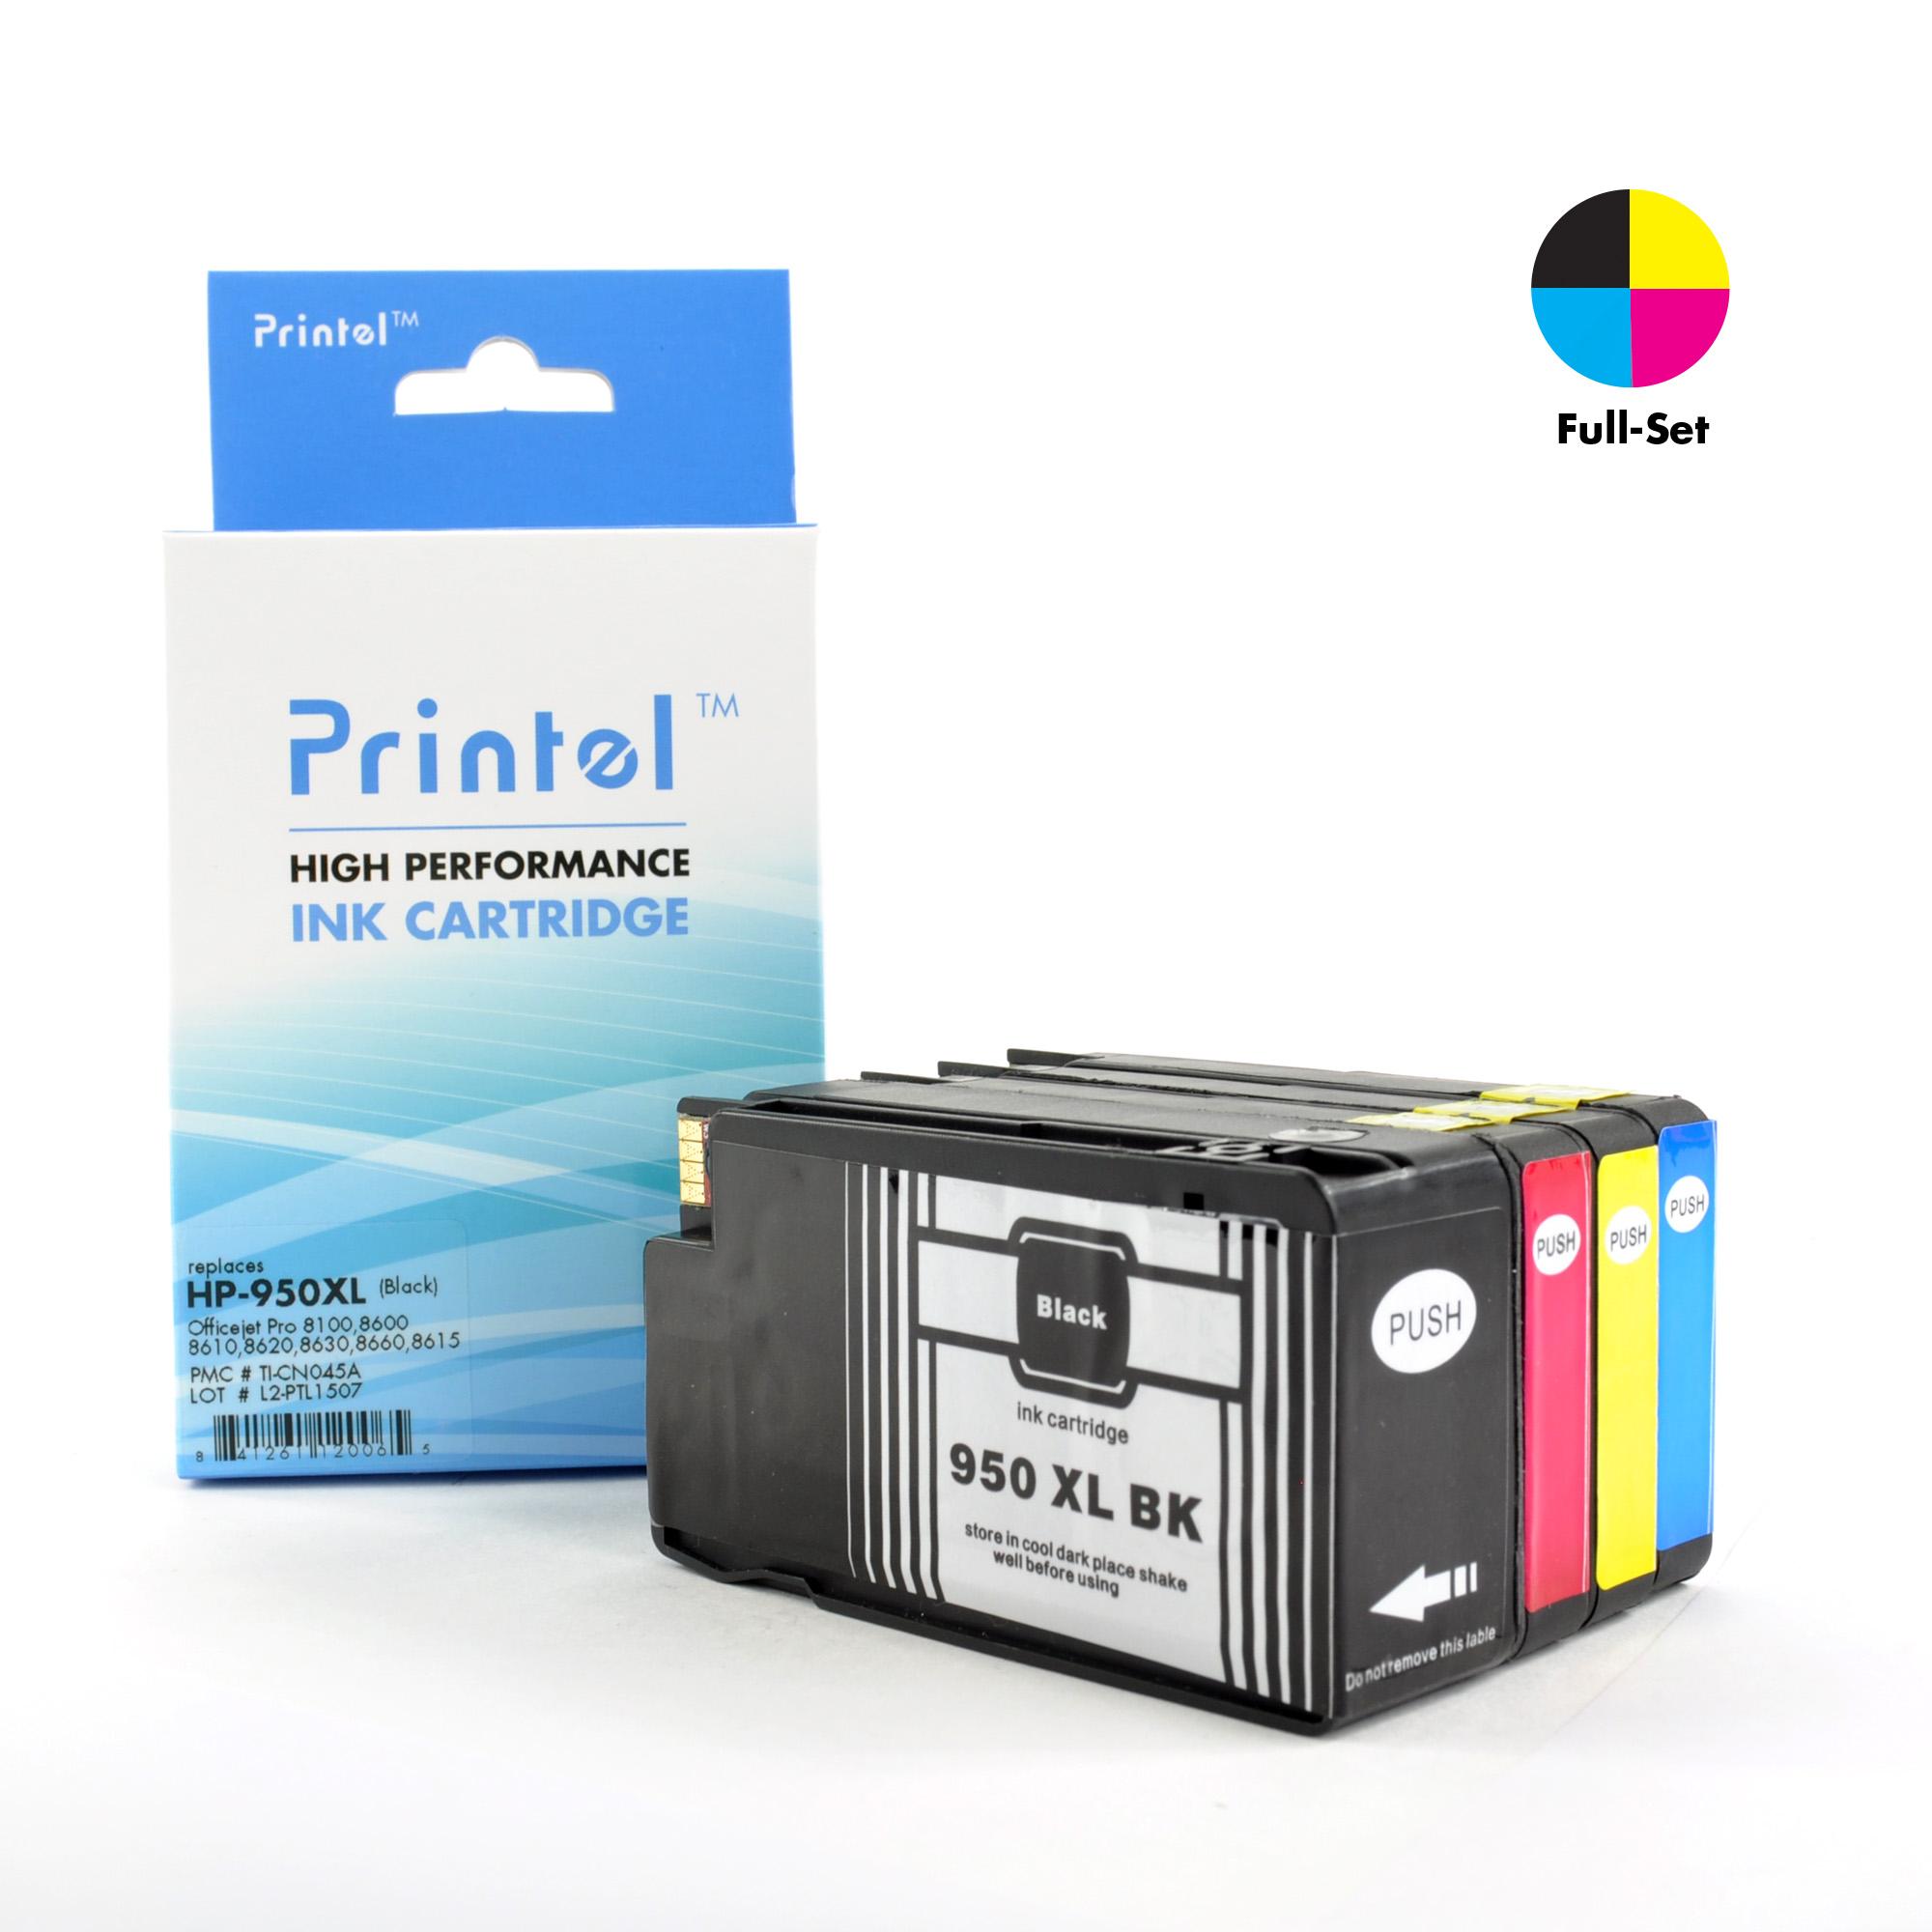 HP Officejet Pro 8610 Cartridge Parts | Partsmart